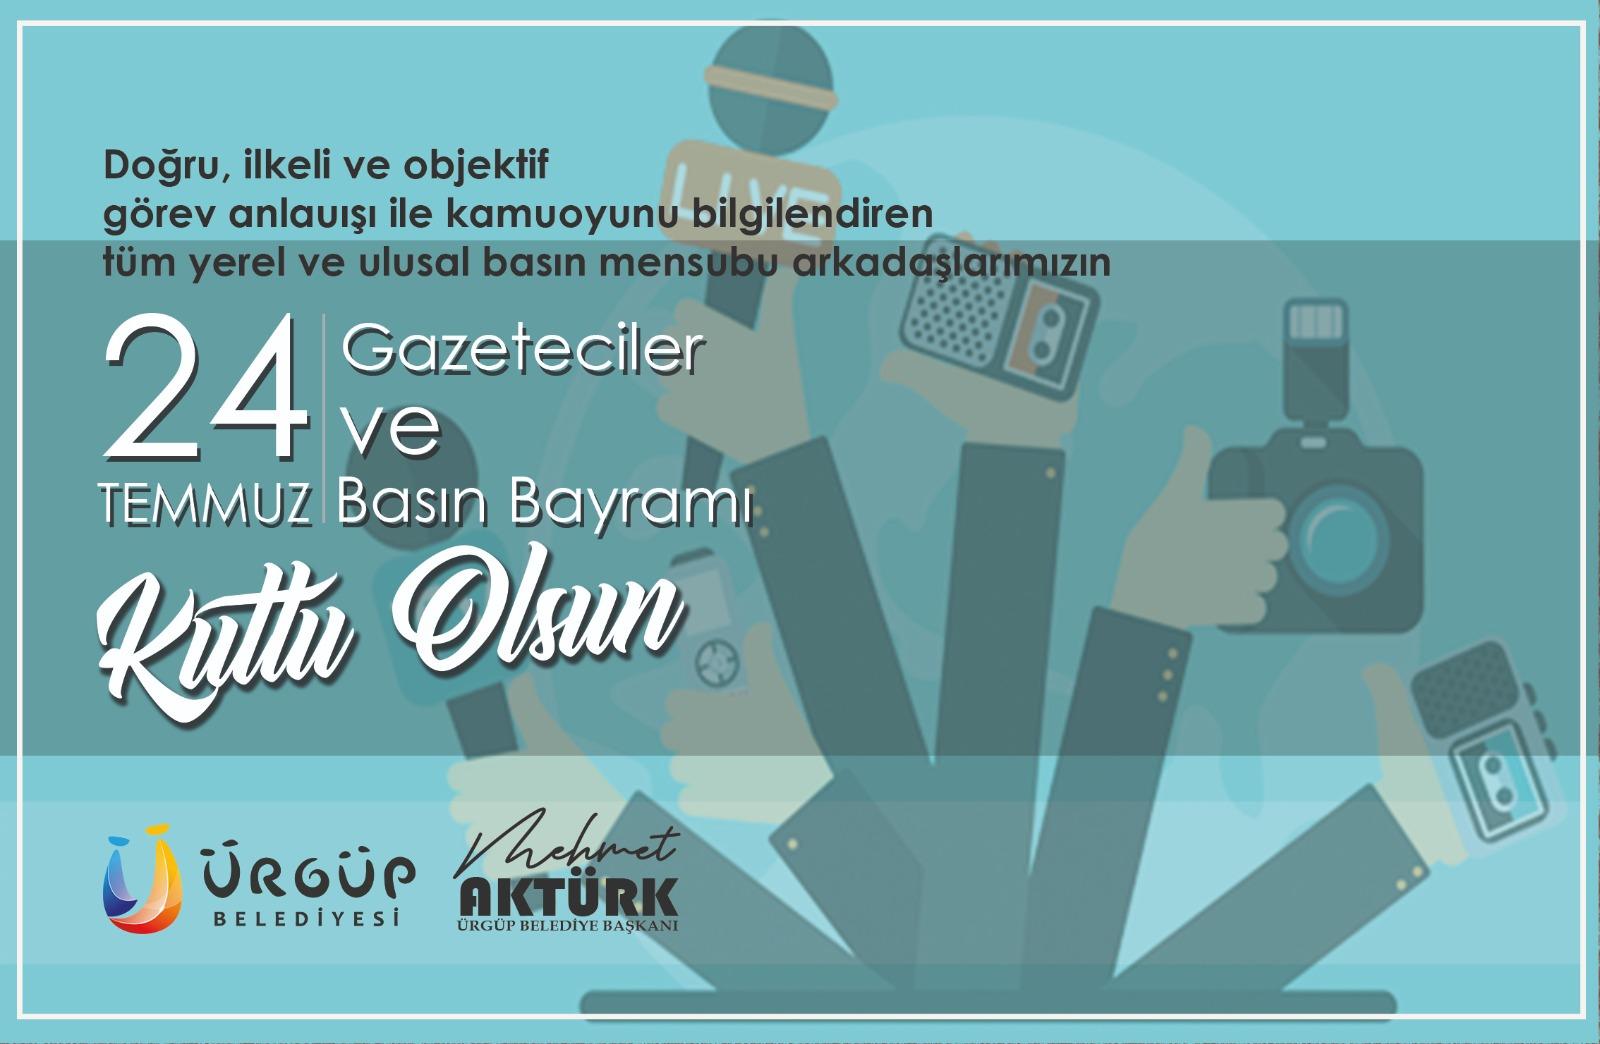 Başkan Aktürk'ten 24 Temmuz Gazeteciler ve Basın Bayramı mesajı